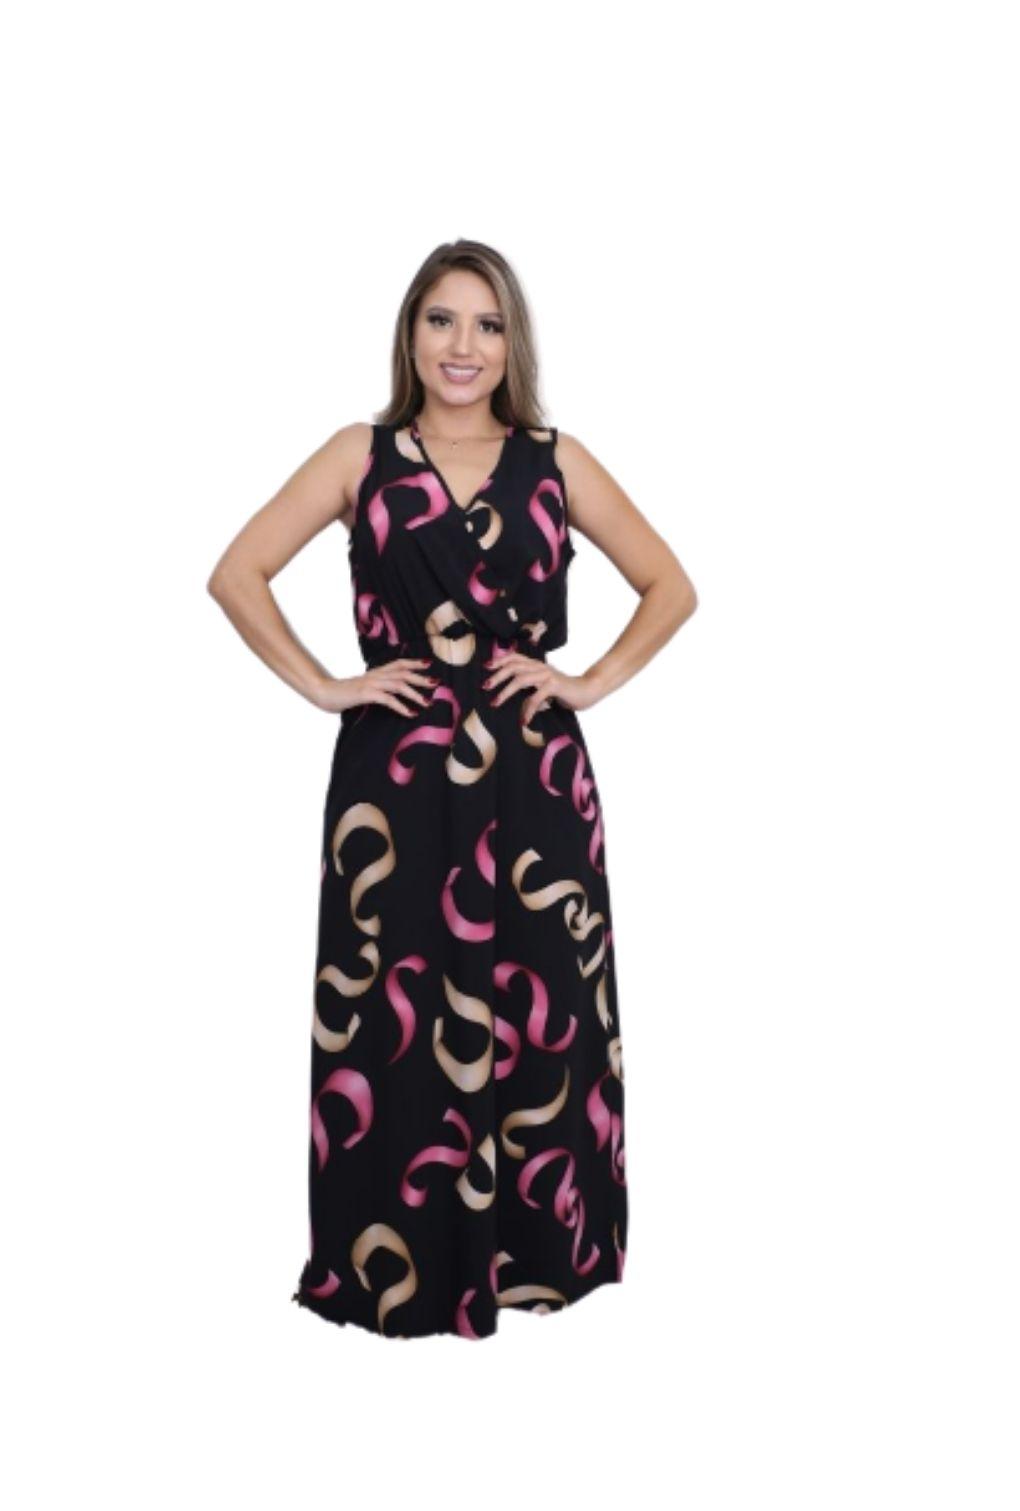 Vestido Longo Regata Decote Transpassado  - ModaStore | Moda Feminina